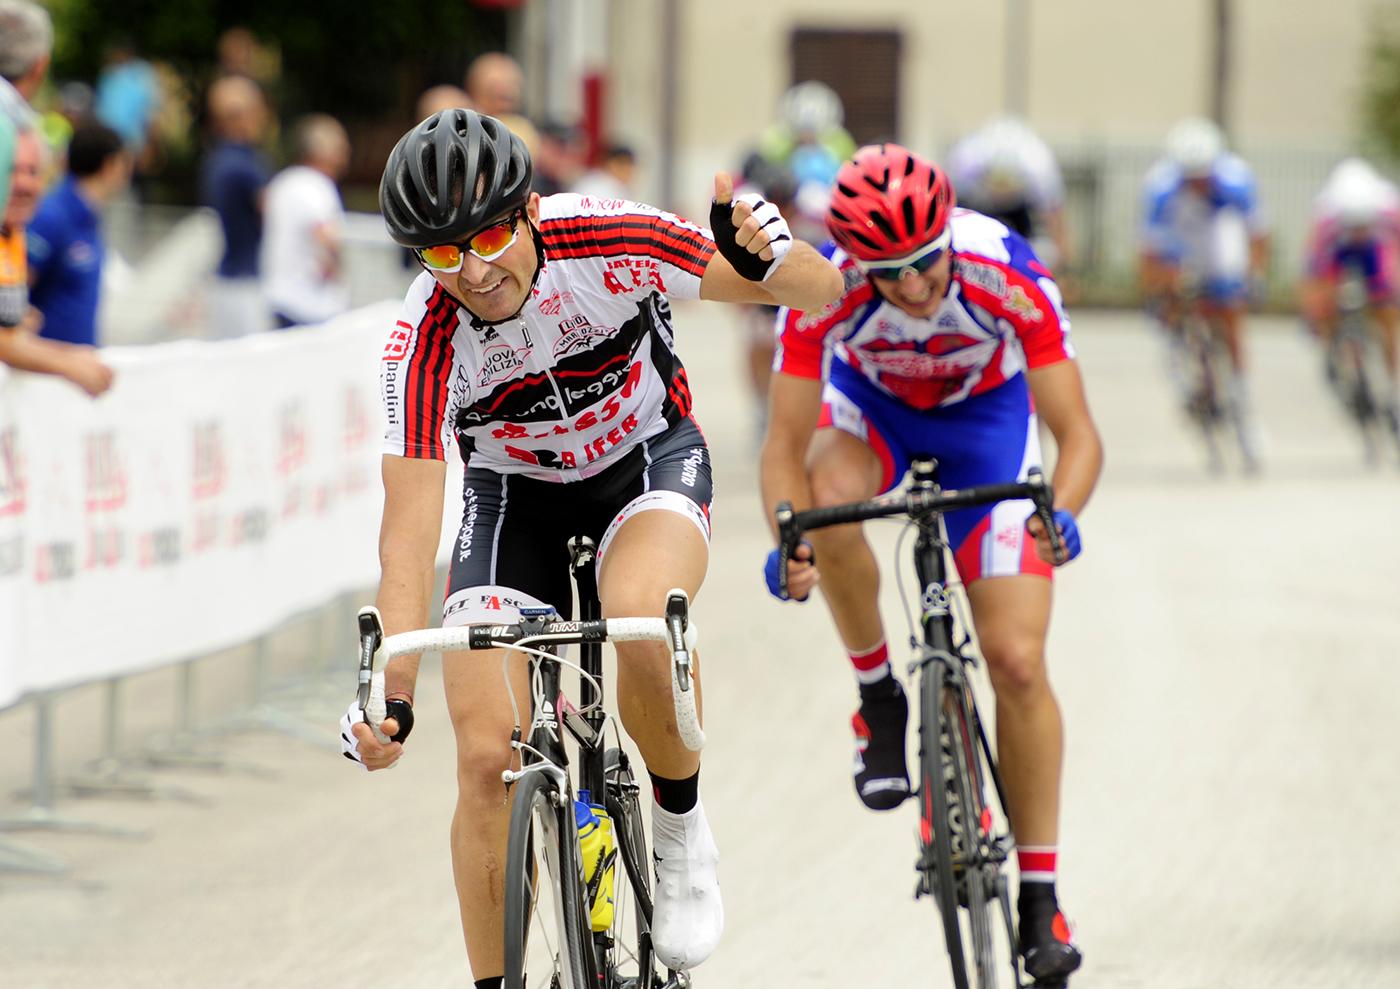 campionato_nazionale_ciclismo_csi176.jpg